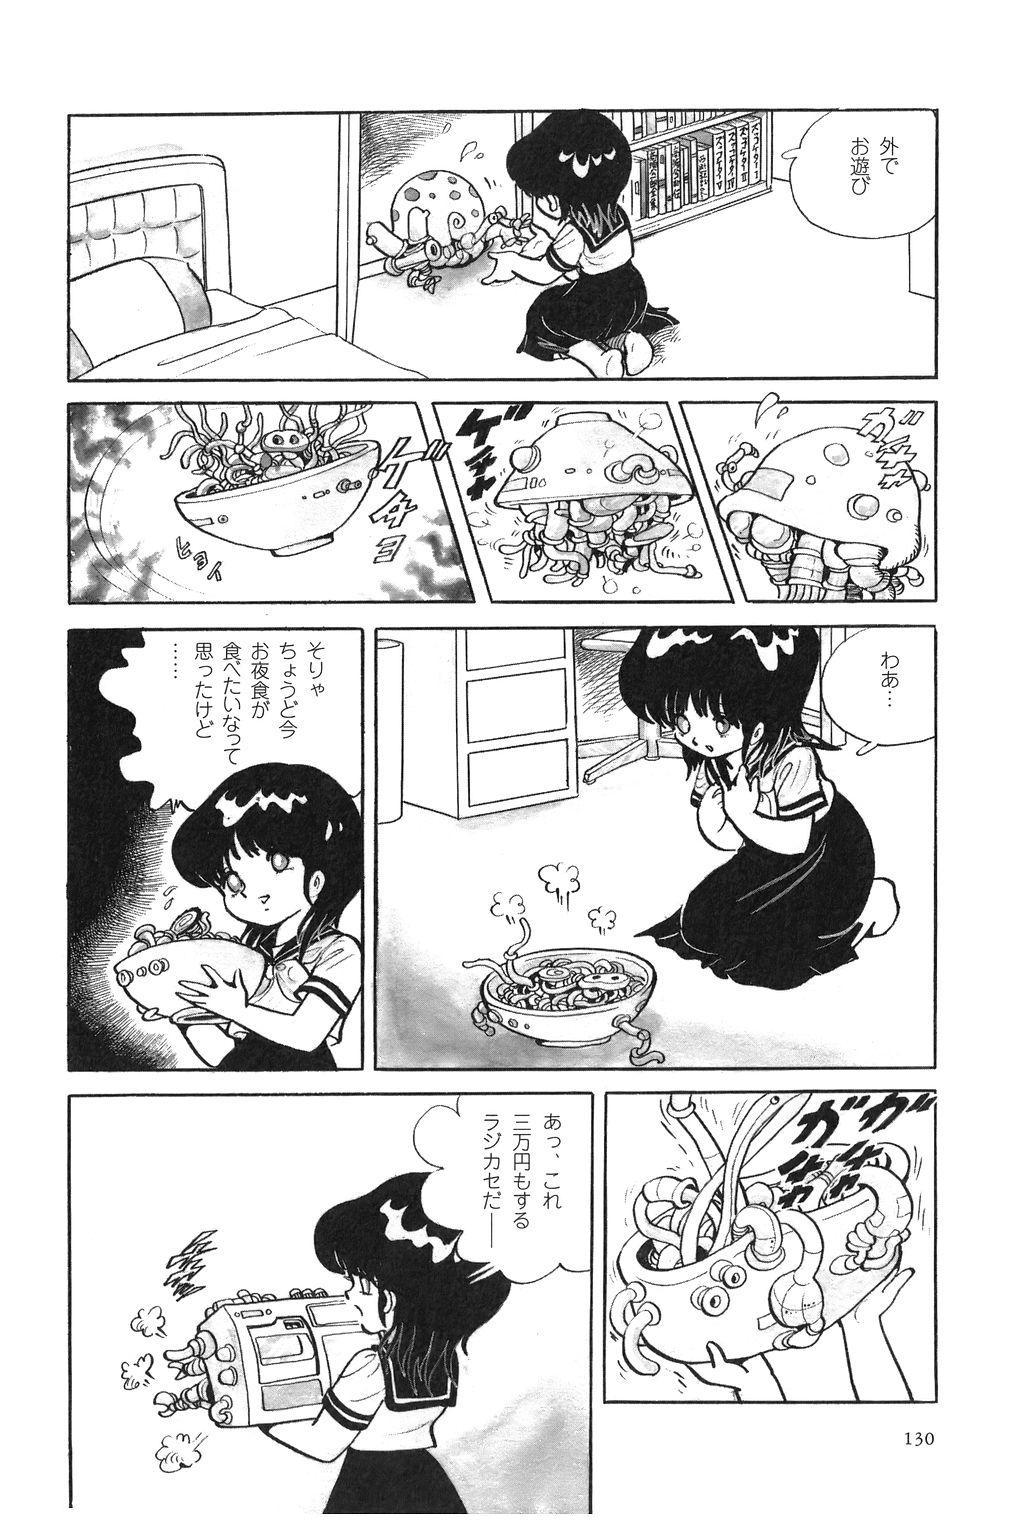 Azuma Hideo Sakuhin Shuusei - Yoru no Tobari no Naka de 132